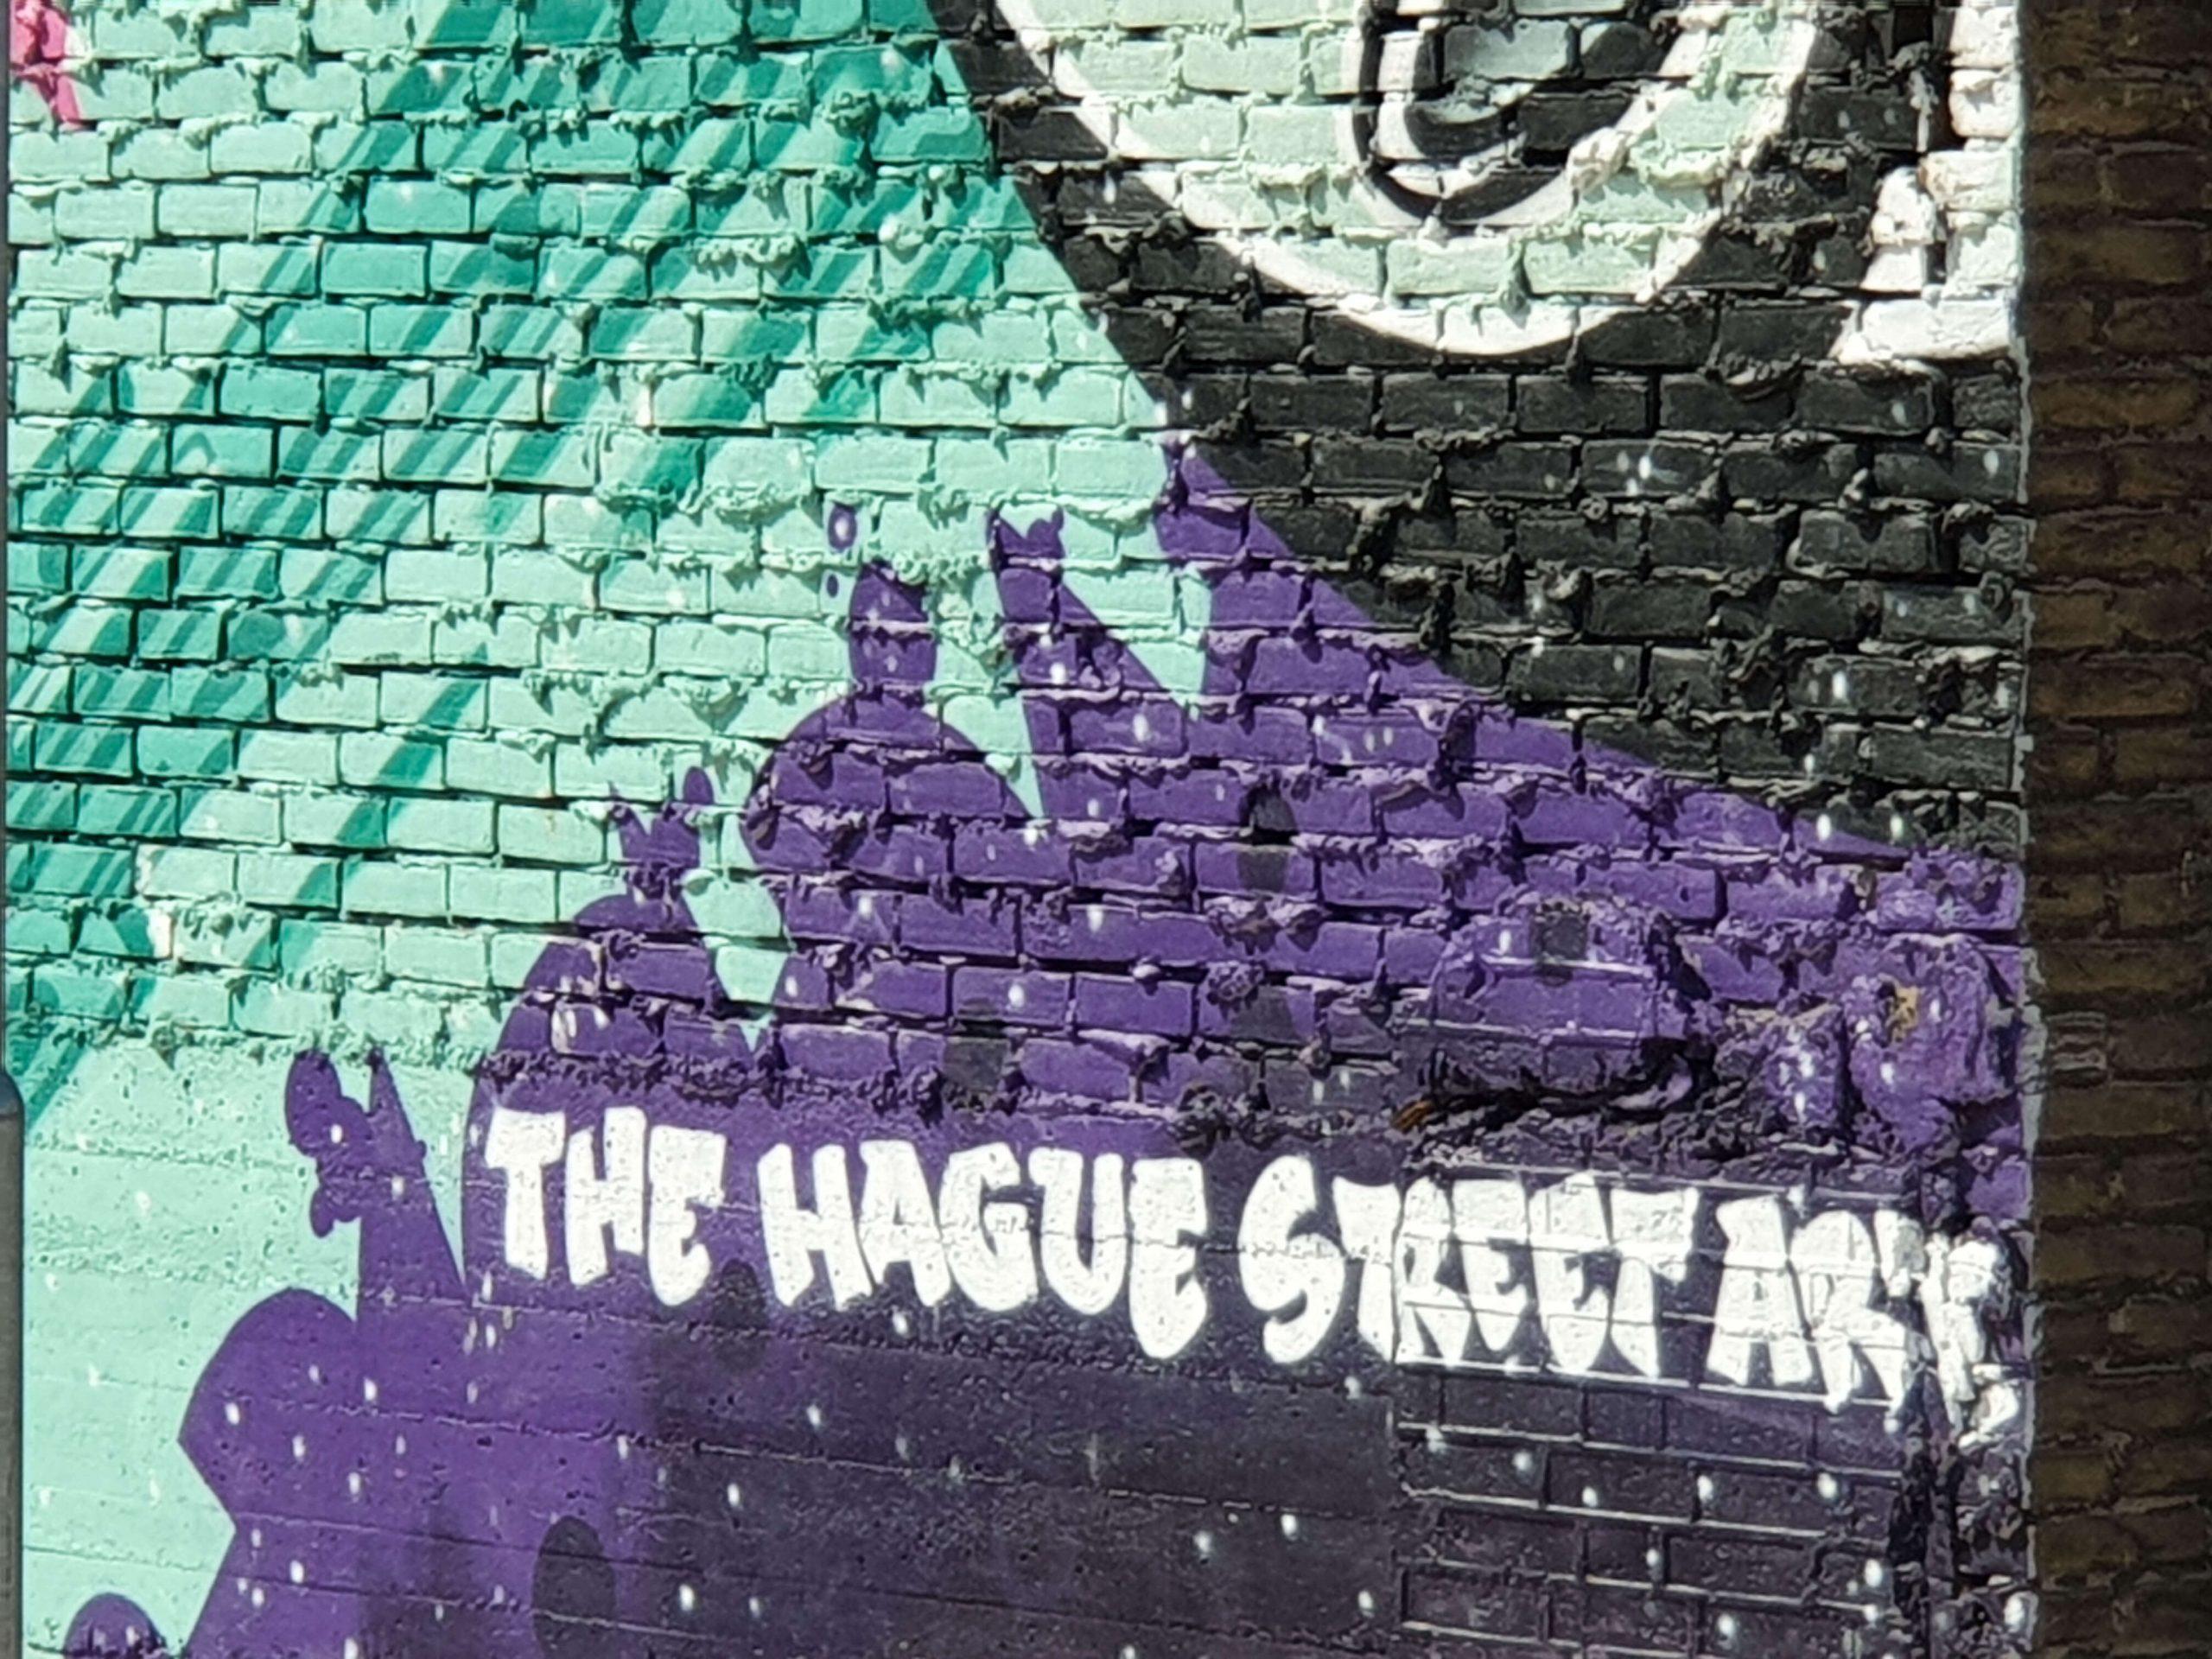 The Hague Street Art